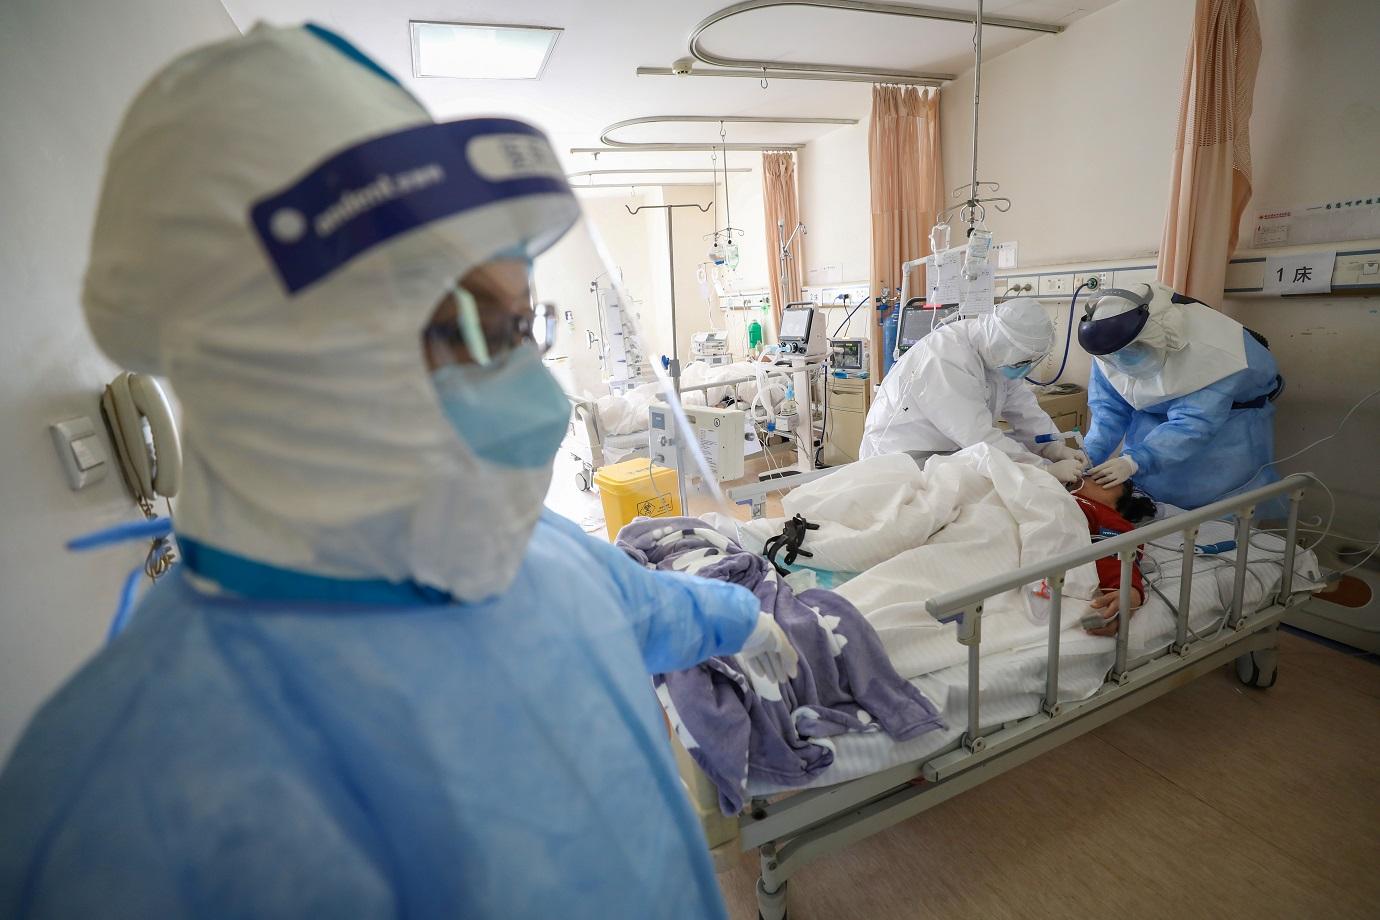 Brasil registra 1.726 mortes em 24 horas e bate novo recorde na pandemia